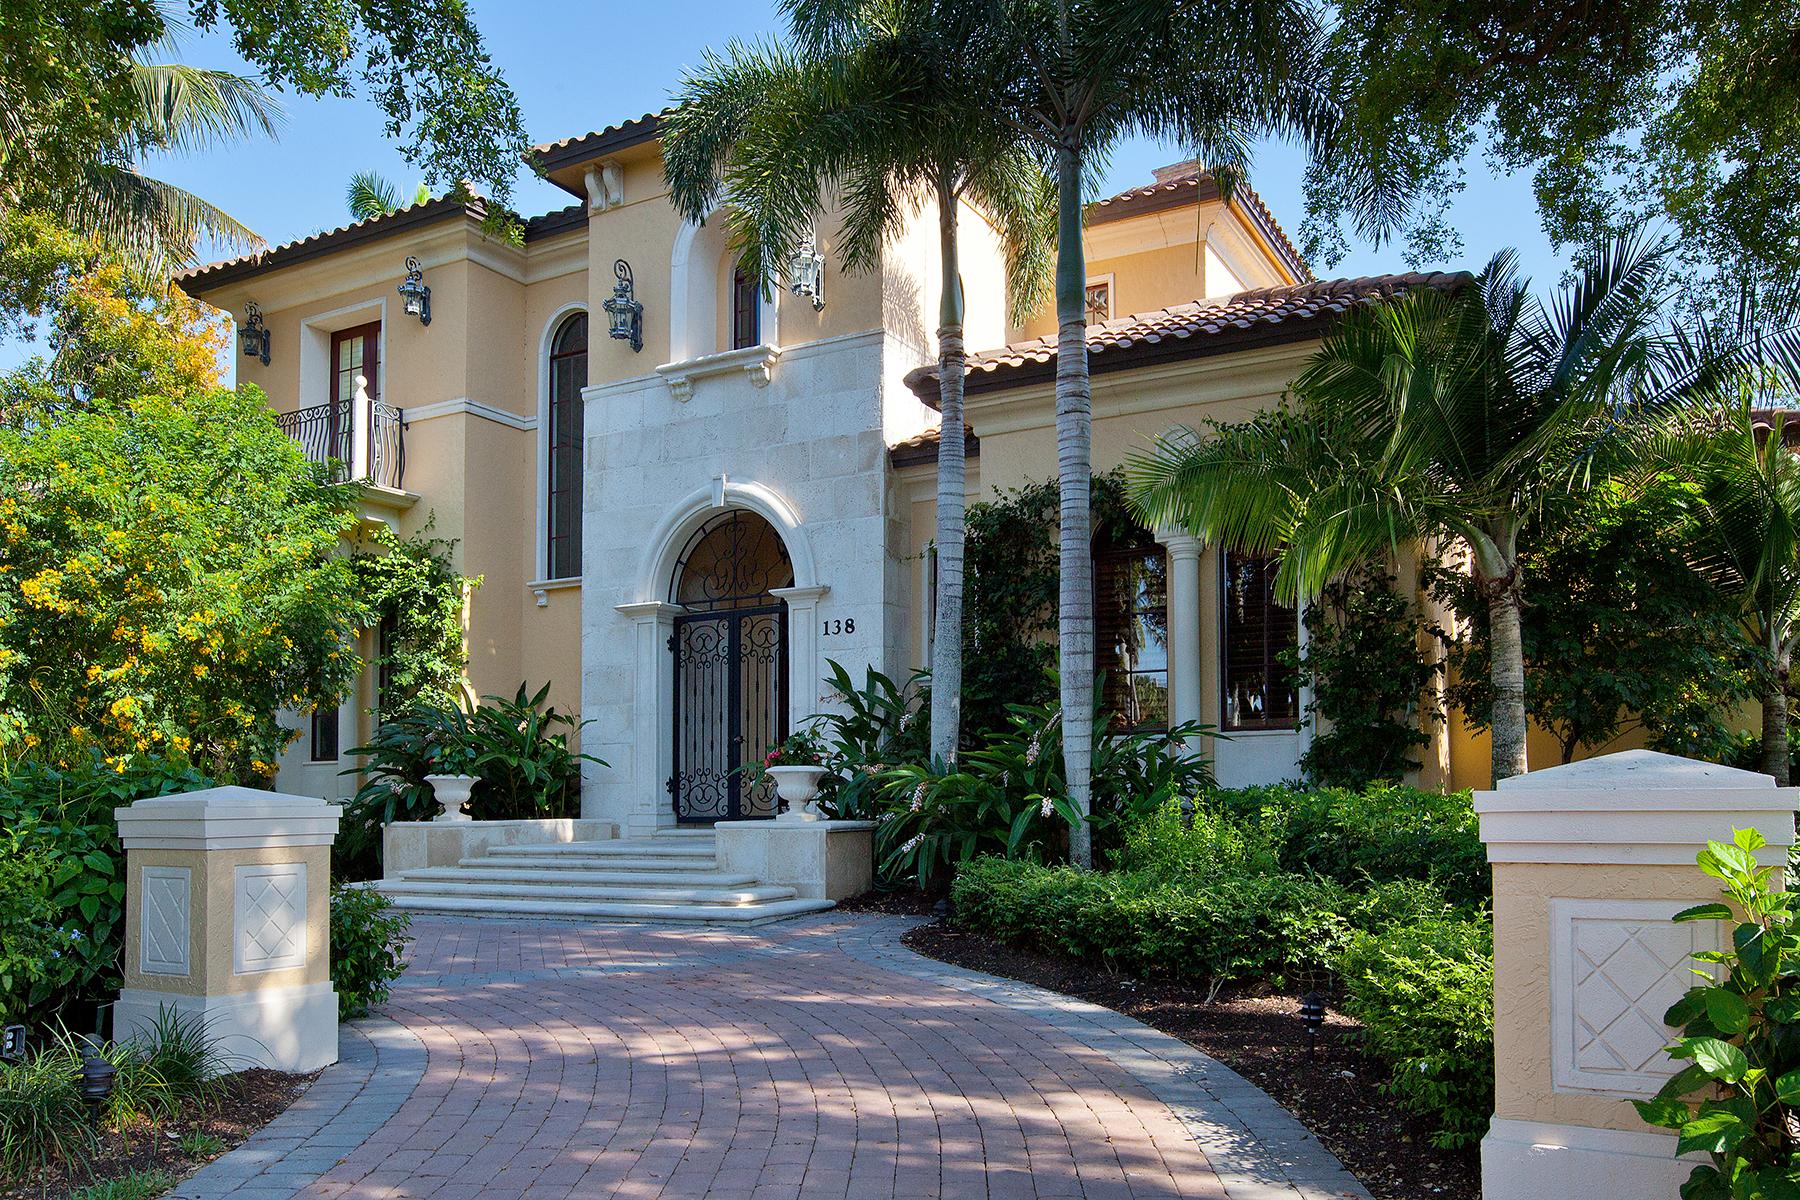 Einfamilienhaus für Verkauf beim OLDE NAPLES 138 6th Ave S Naples, Florida 34102 Vereinigte Staaten